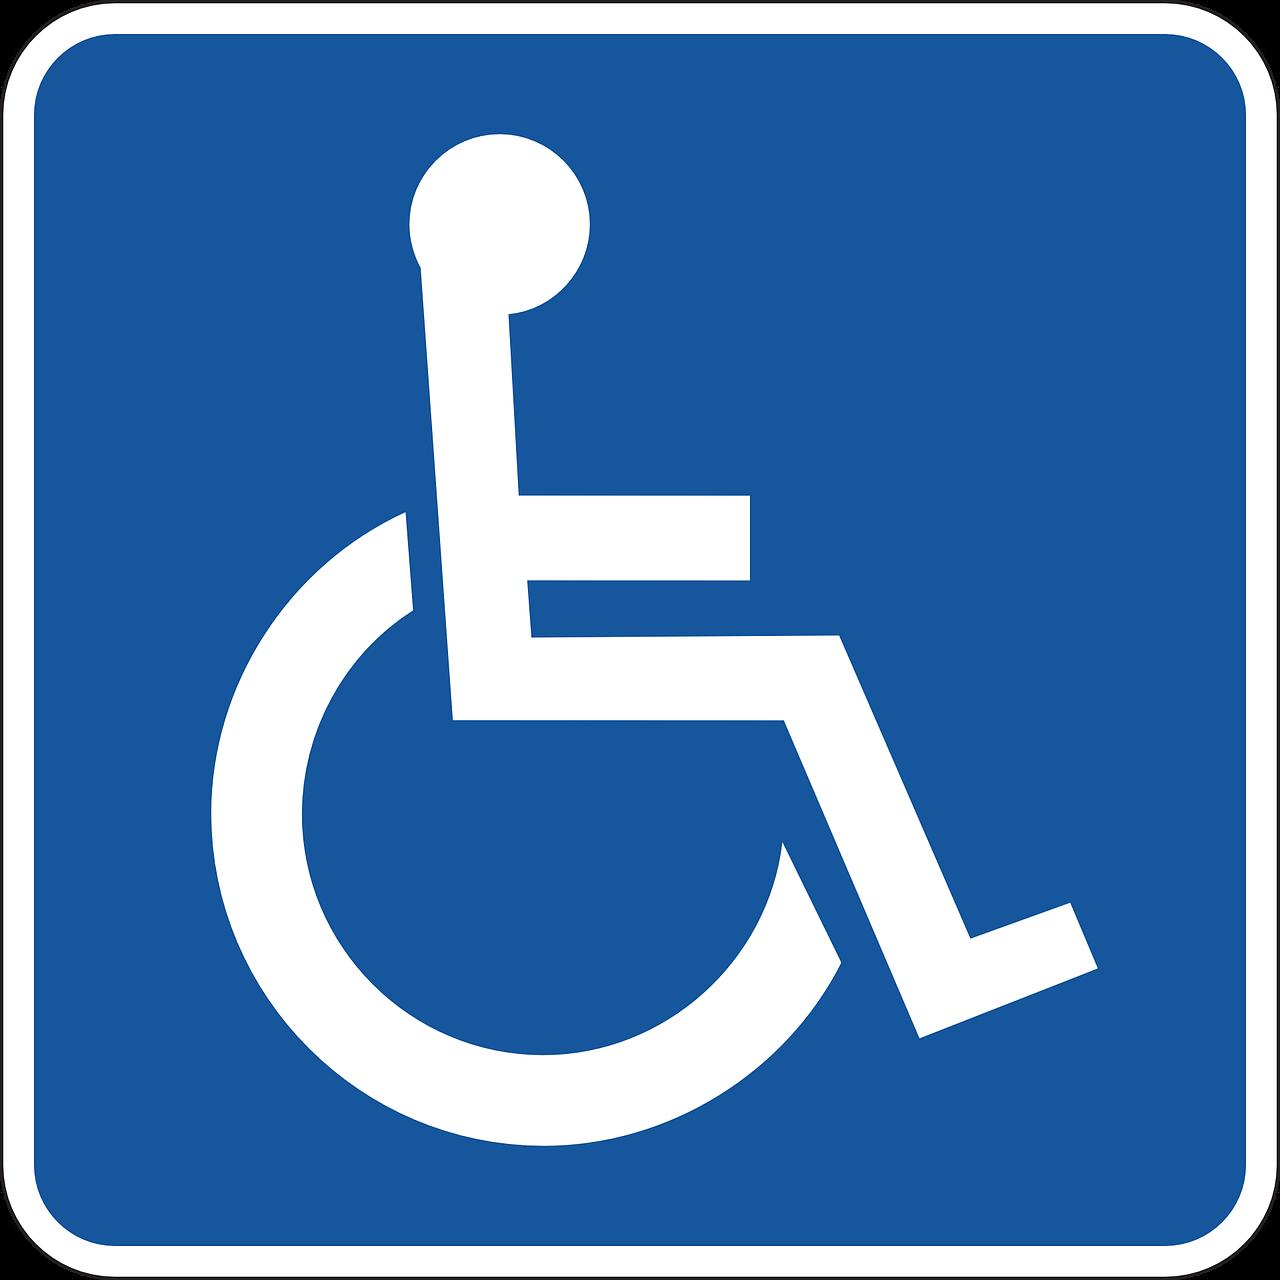 Zorgboerderij Lenteheuvel beoordeling instelling gehandicaptenzorg verstandelijk gehandicapten